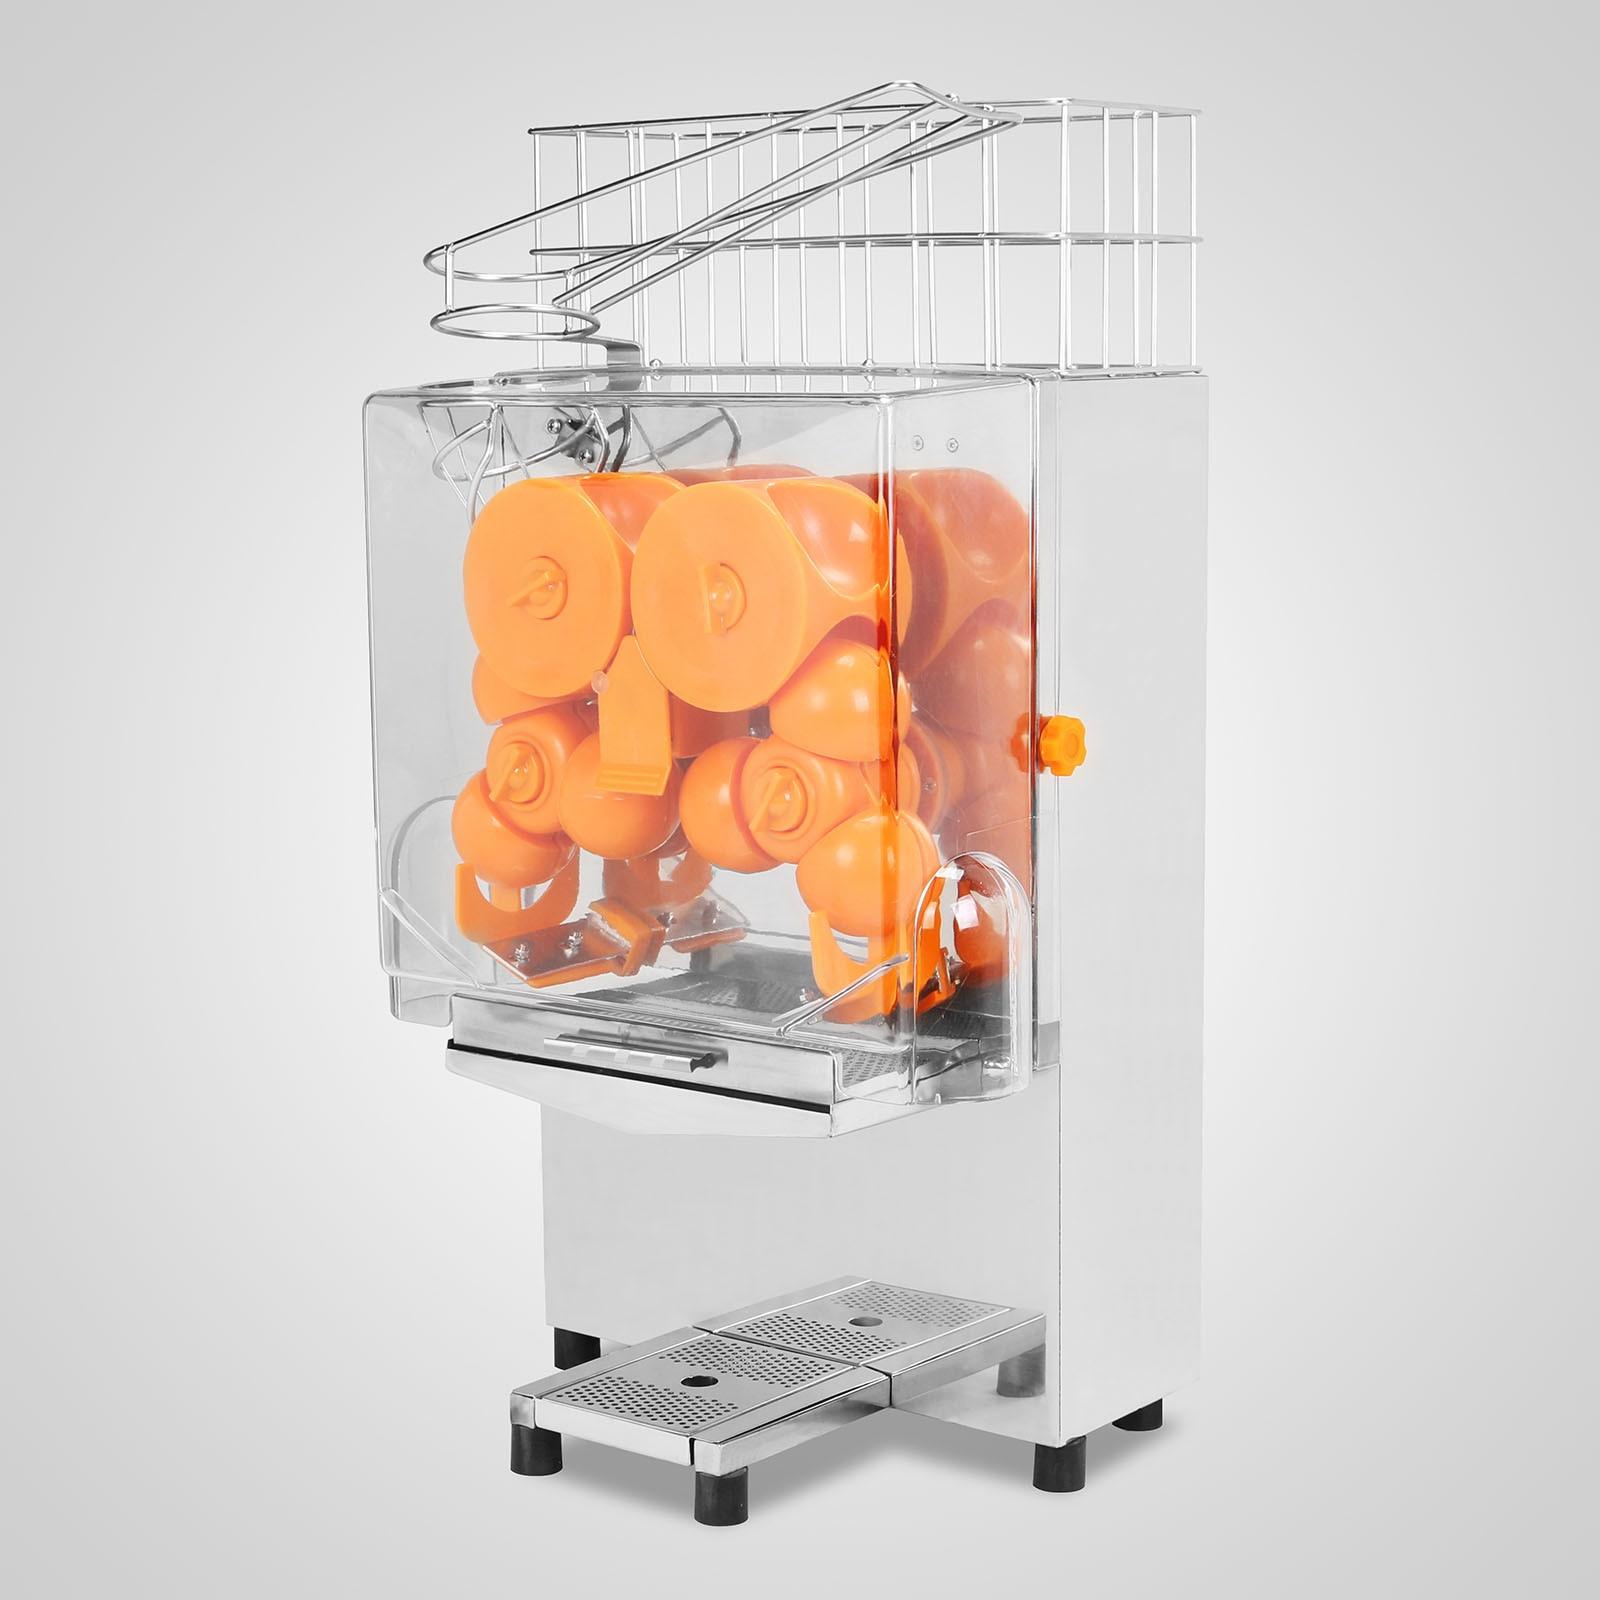 Автоматическая соковыжималка для апельсинов из нержавеющей стали 5